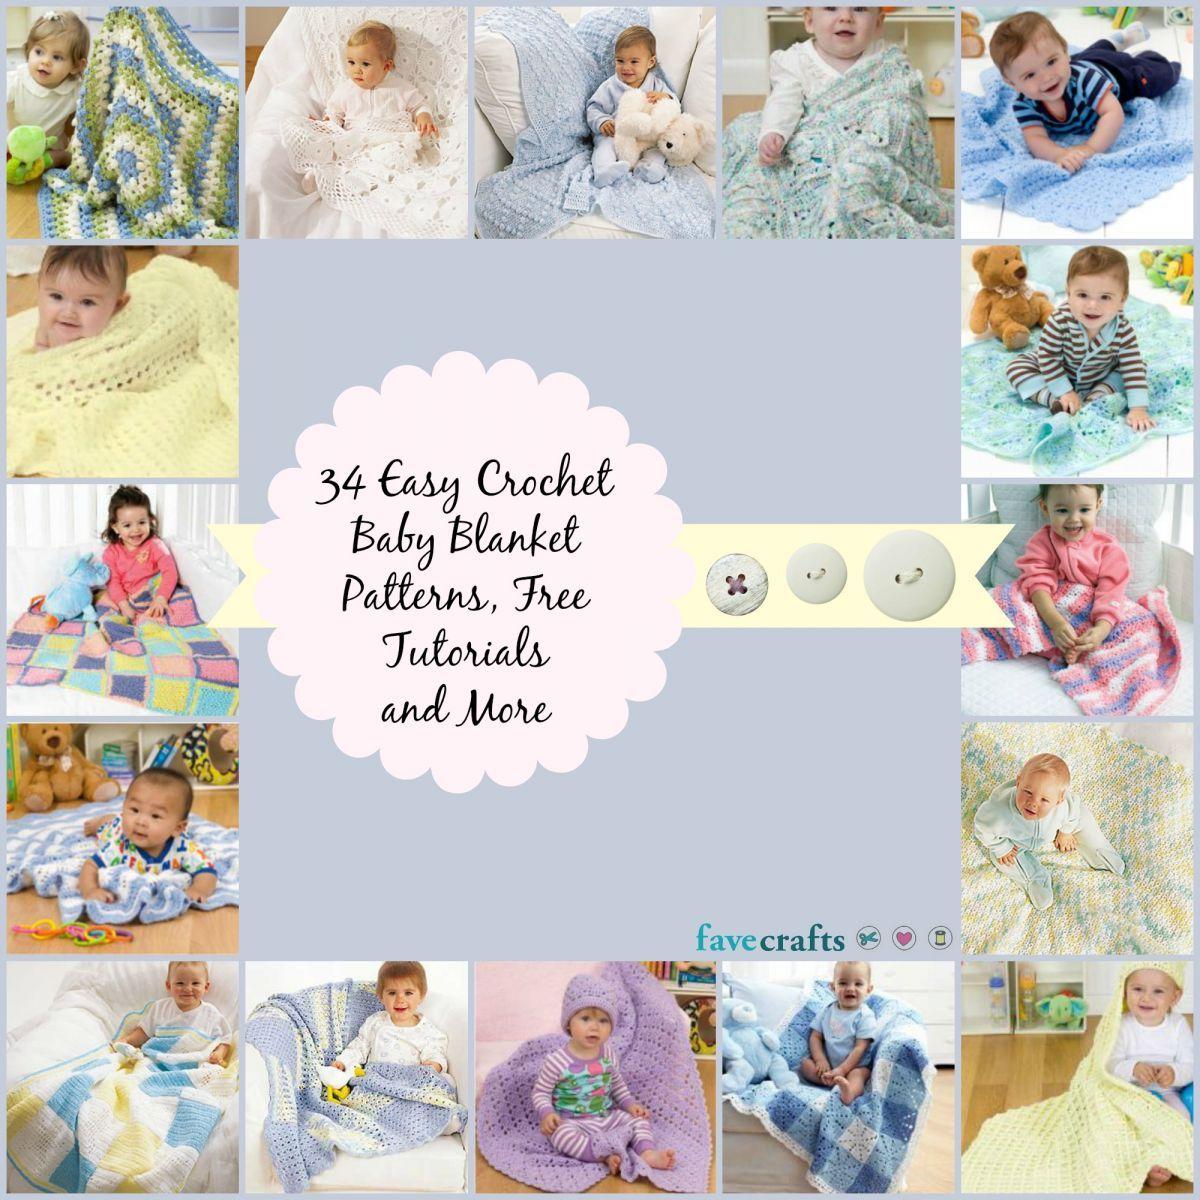 41 Easy Crochet Baby Blanket Patterns | Süße babys, Babys und Süß